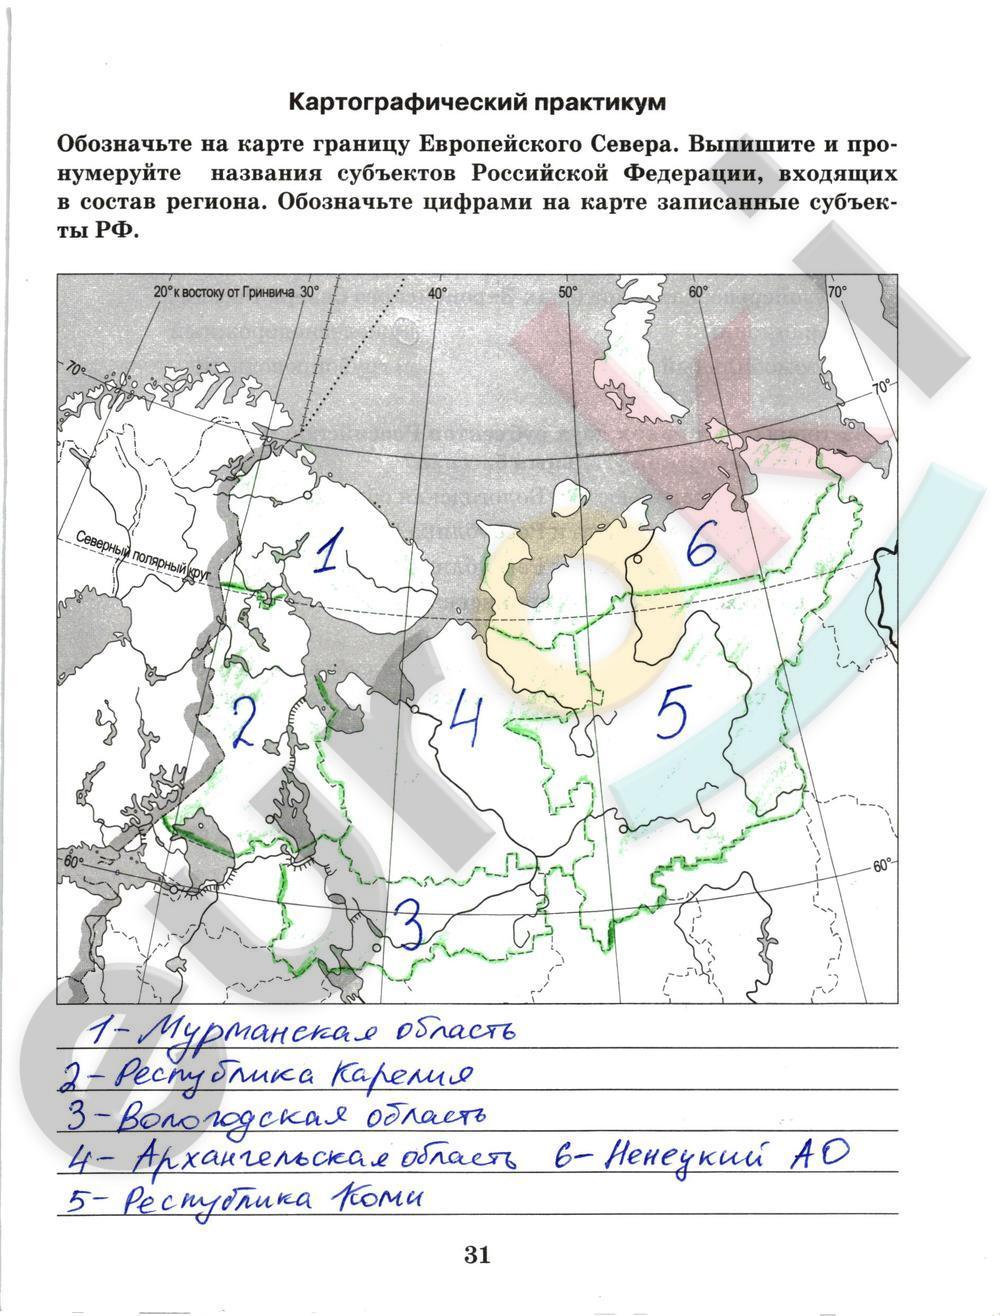 ГДЗ по географии 9 класс рабочая тетрадь Домогацких Часть 1, 2. Задание: стр. 31